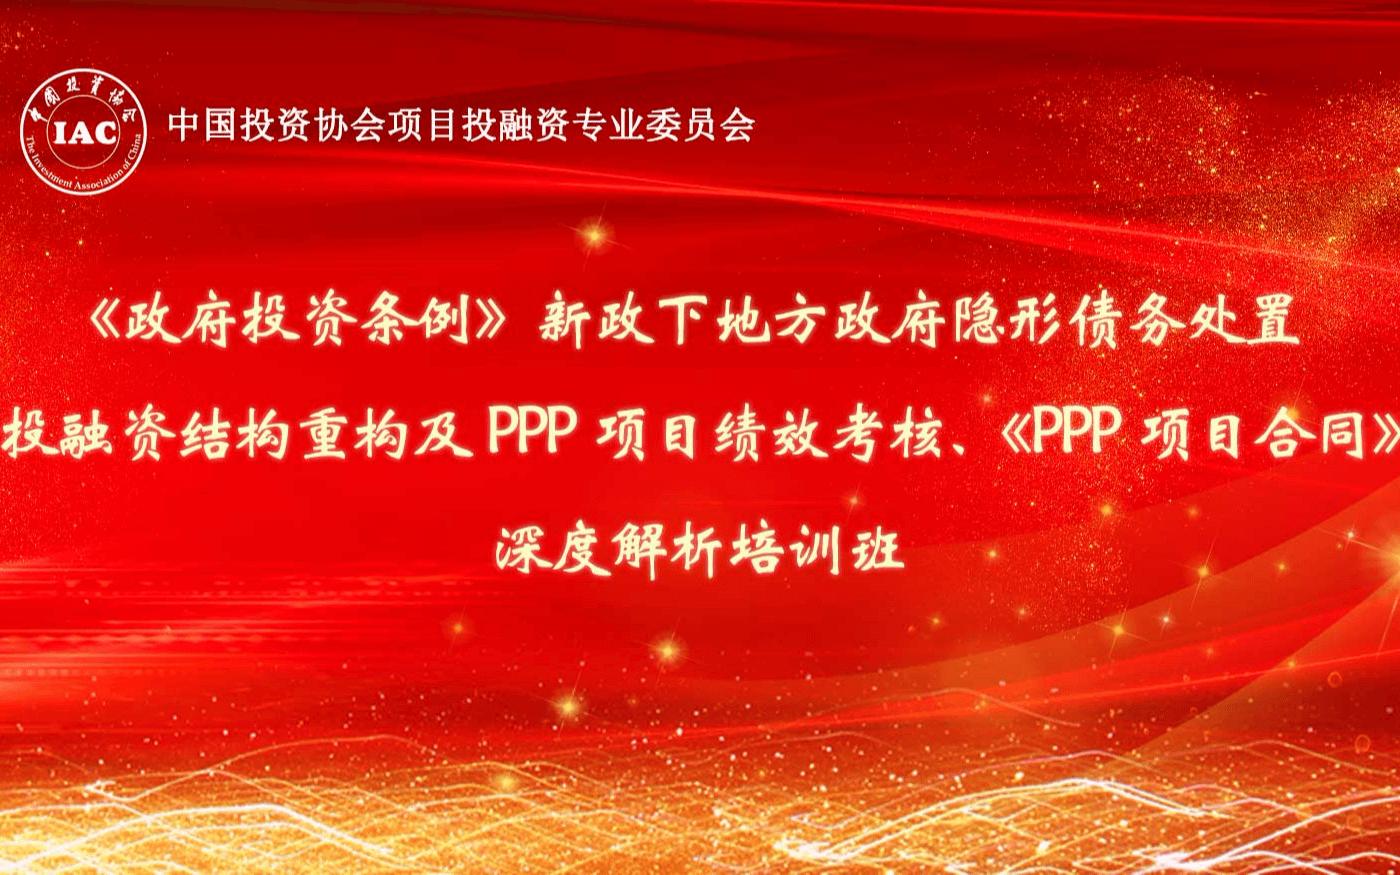 2019 PPP项目绩效考核、《PPP项目合同》深度解析培训班(12月杭州班)